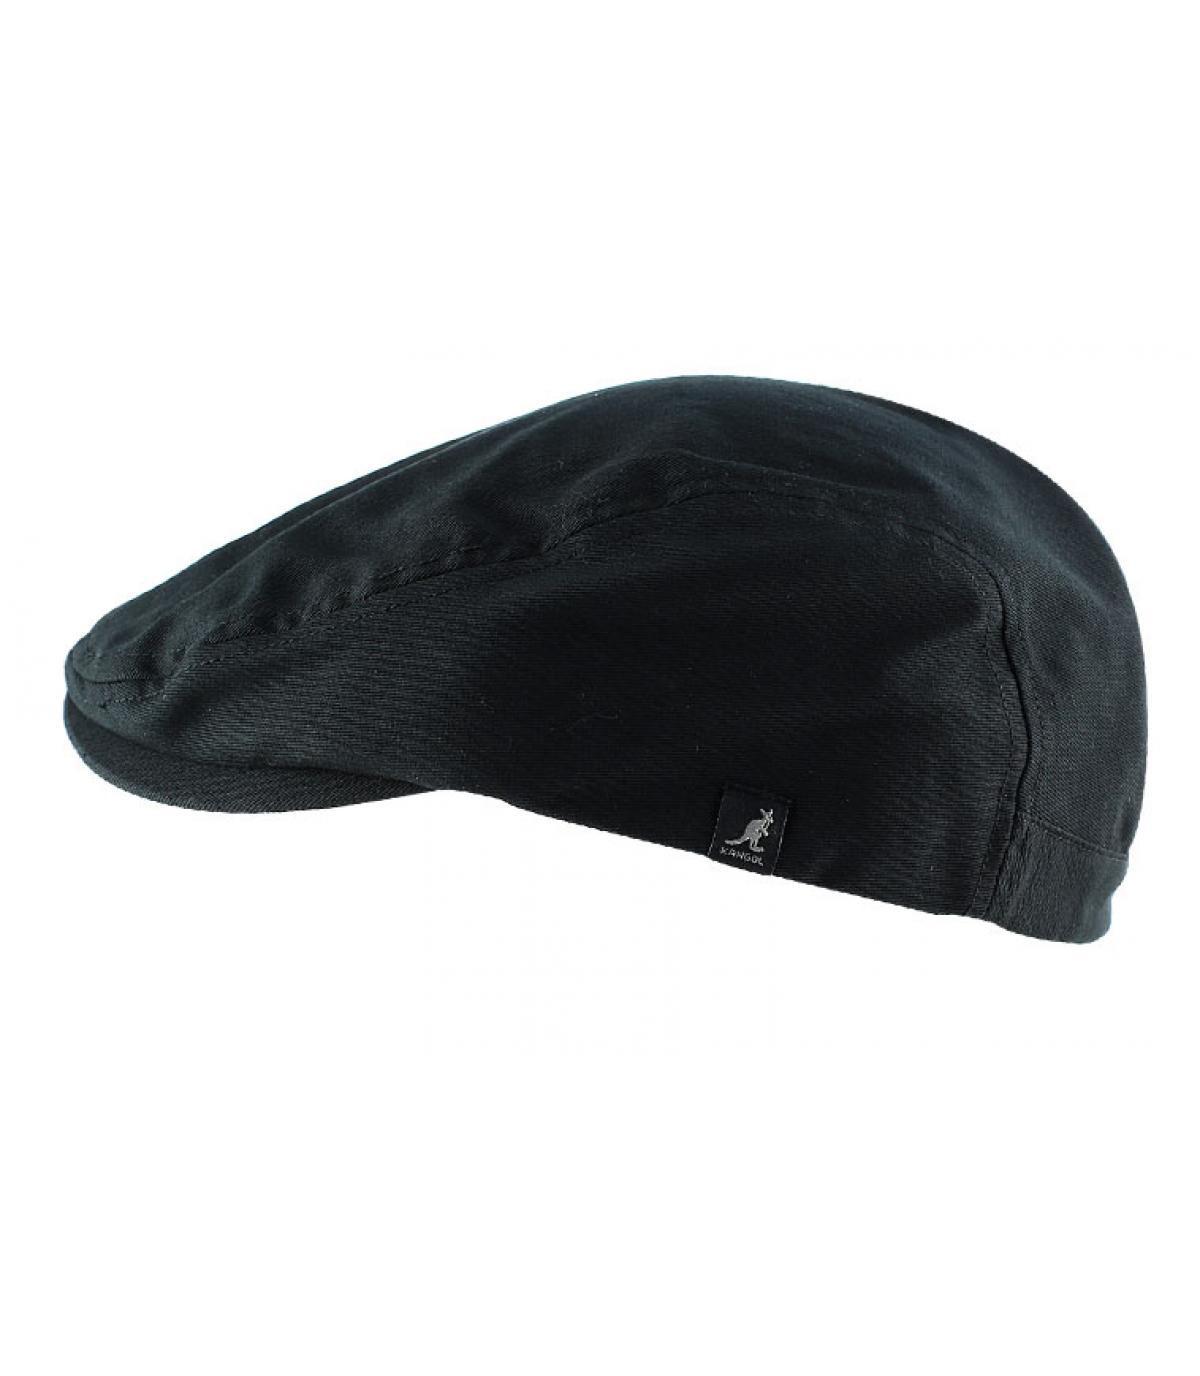 ... Black flat cap - Cotton cap black Kangol - image 2 ... 5b776e6fee8